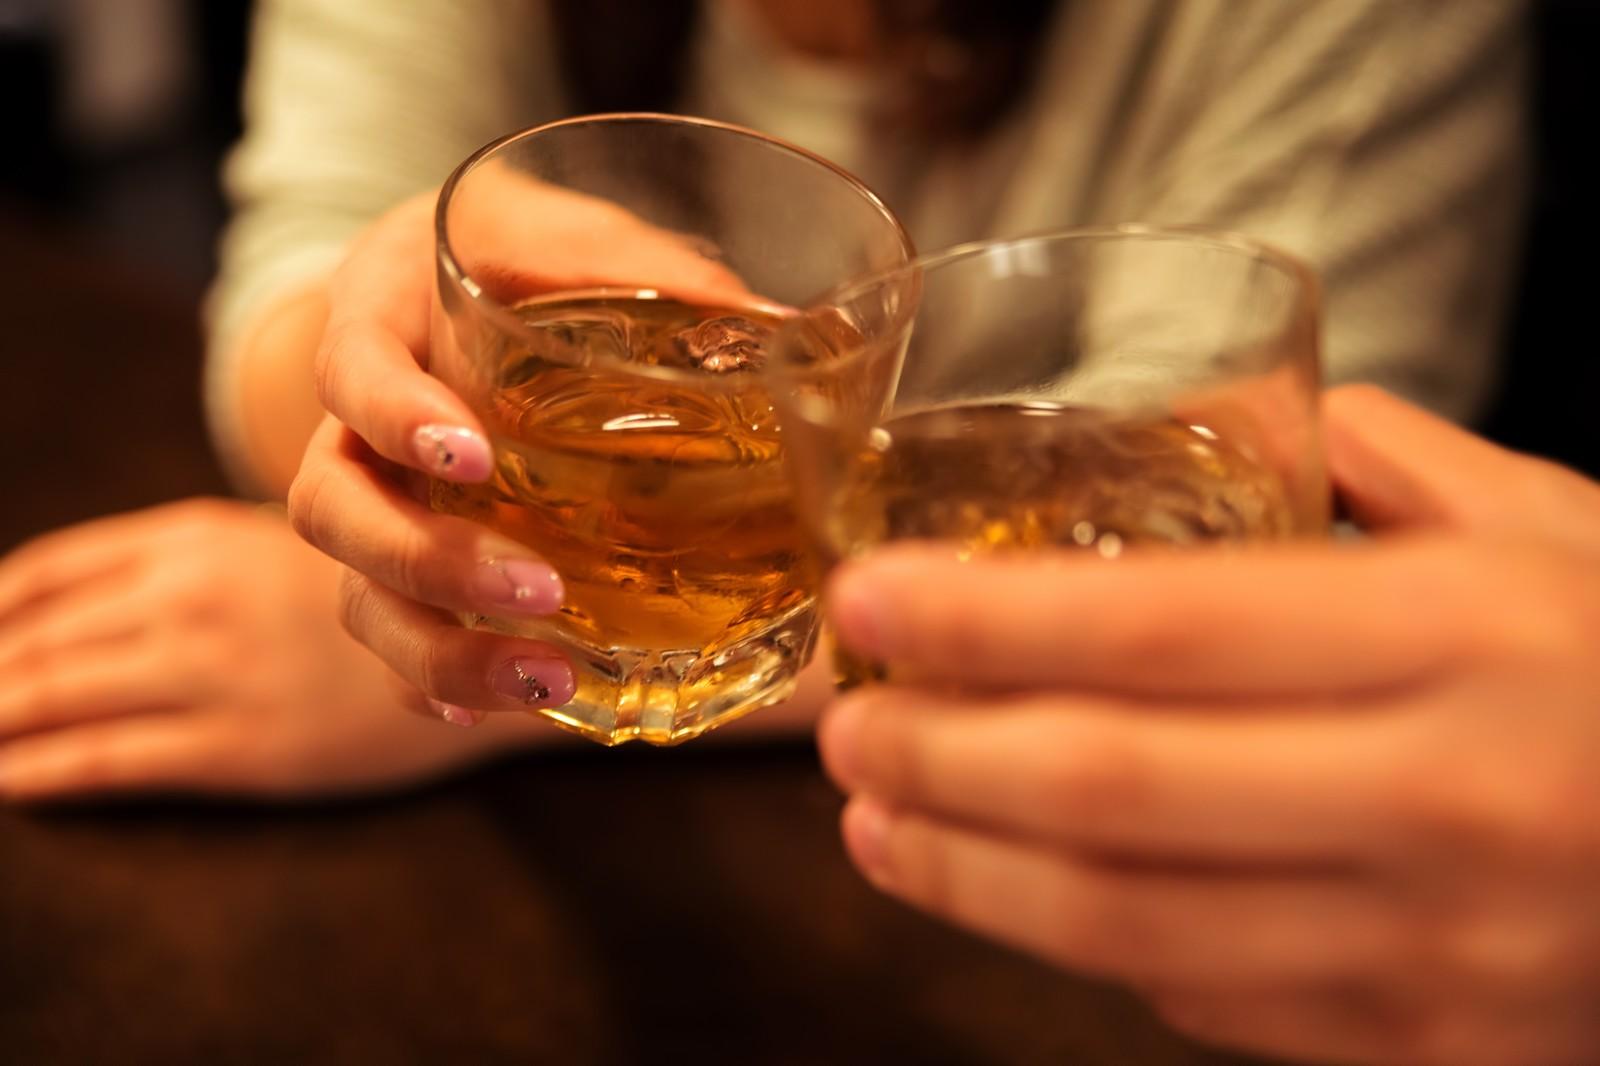 女性からサシ飲みに誘うと男性はどう思う?男性心理と誘い方を紹介!